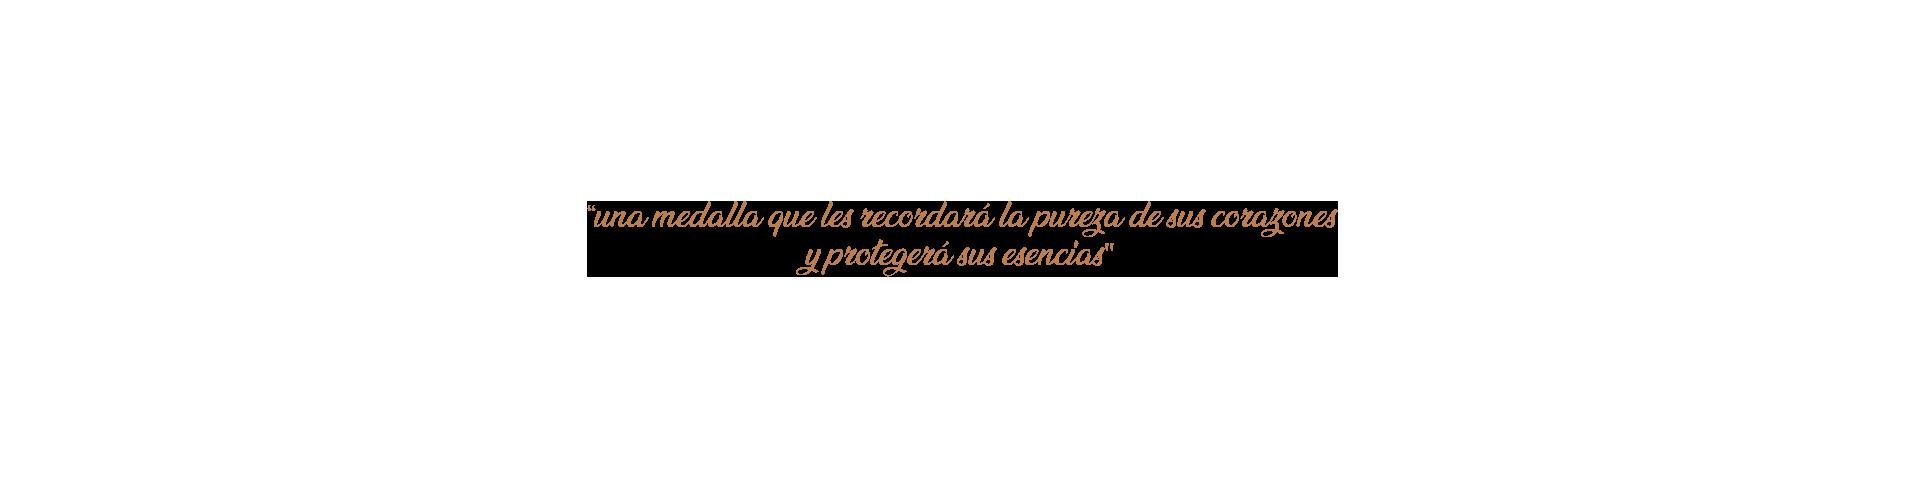 frase-2-esp.png